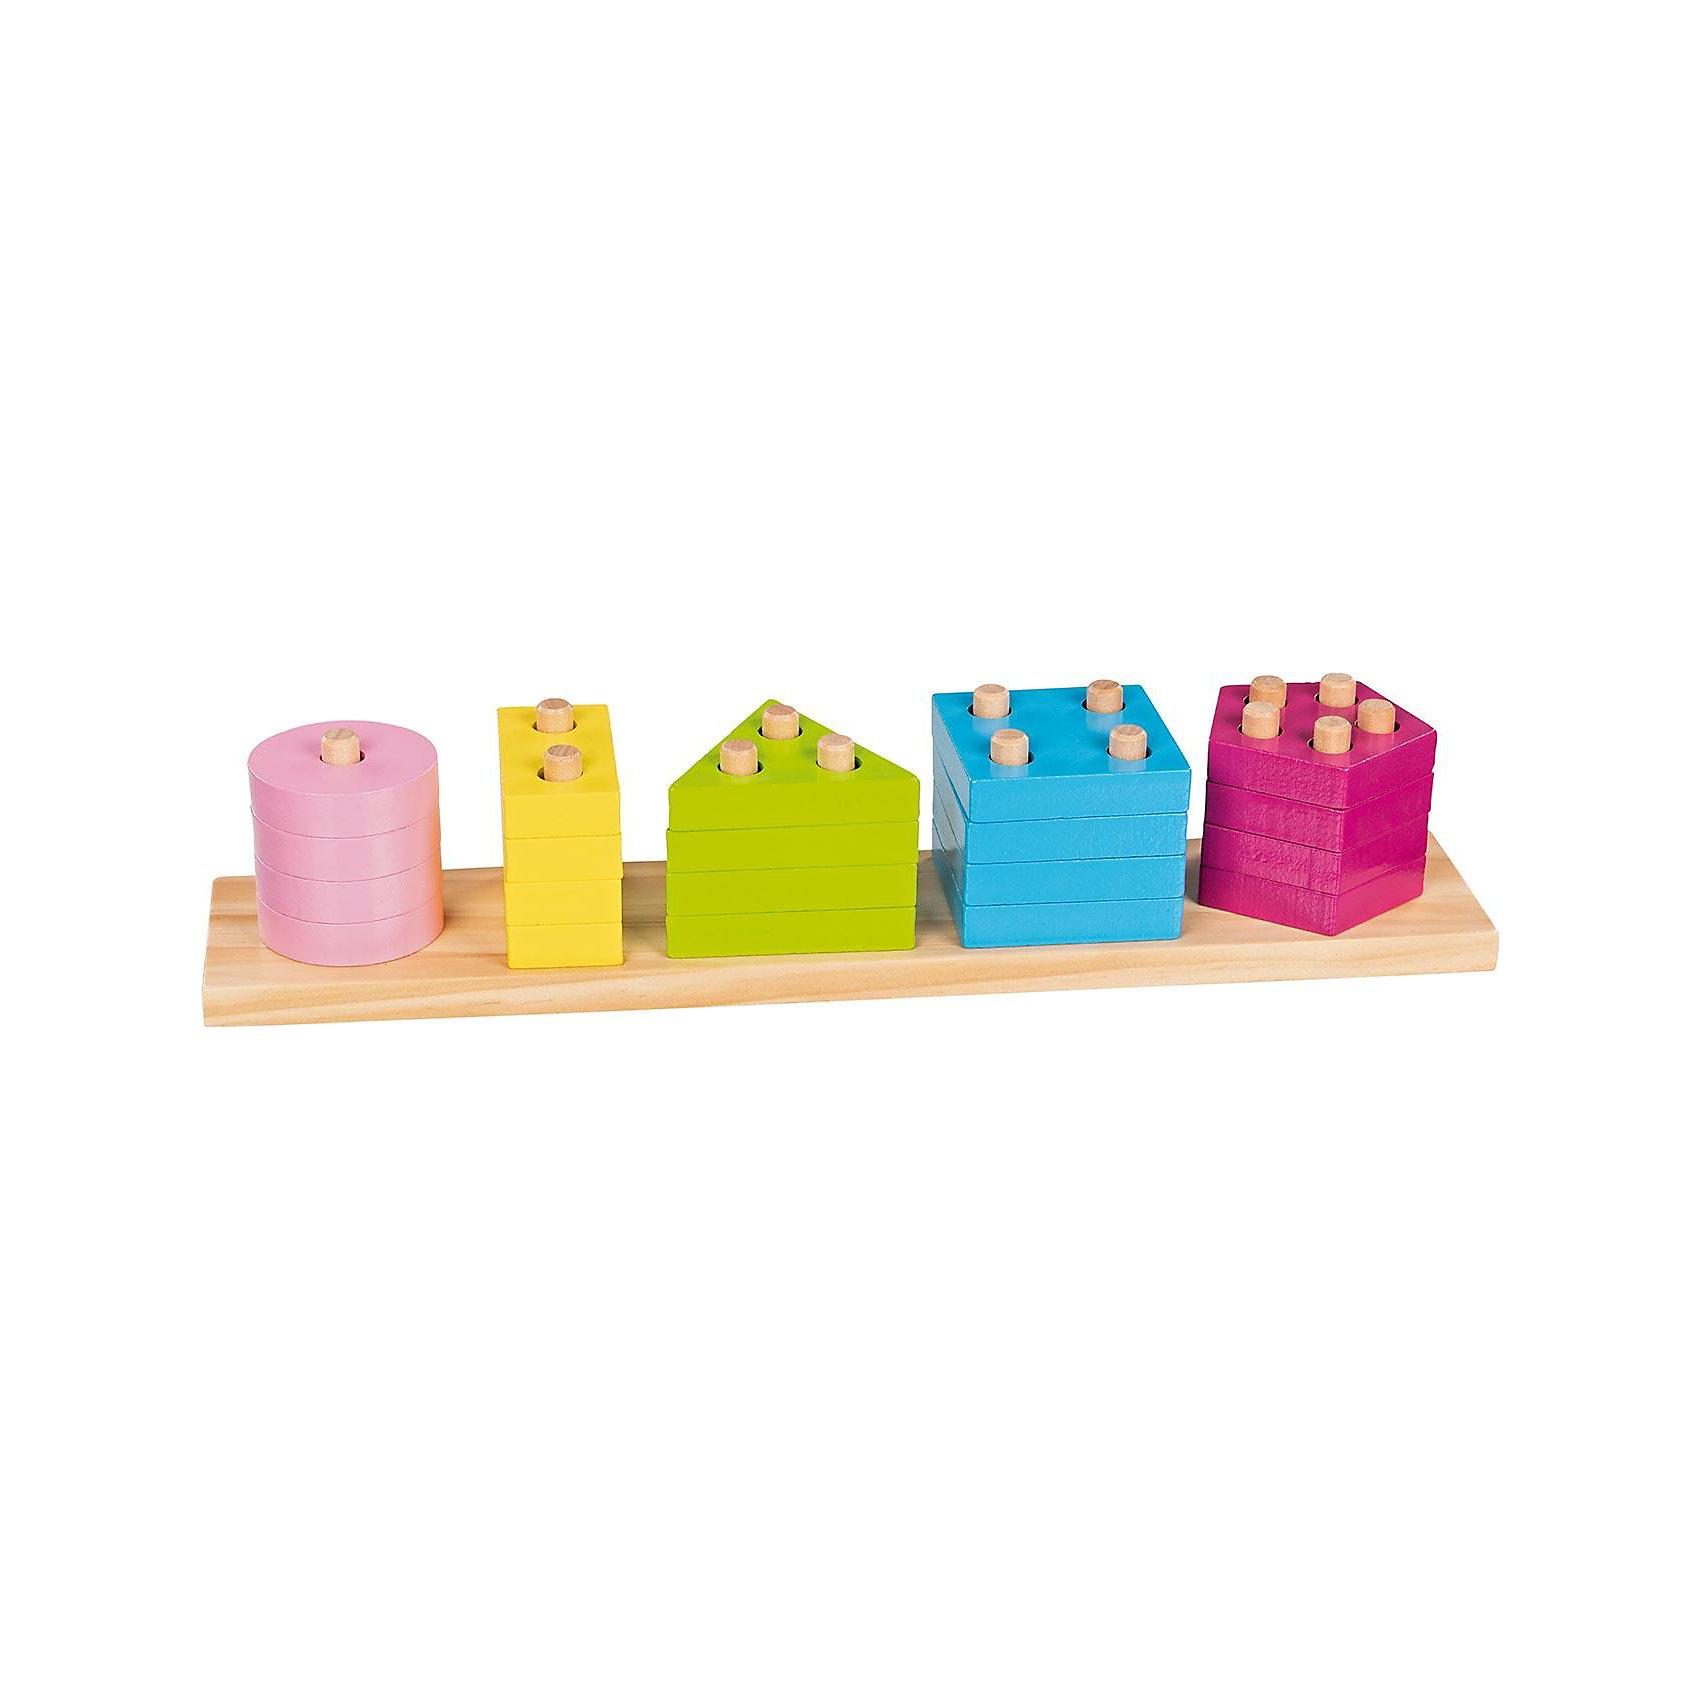 goki GOLLNEST & KIESEL Сортировщик Цветов и Форм goki мебель для кукольной гостиной 28 предметов